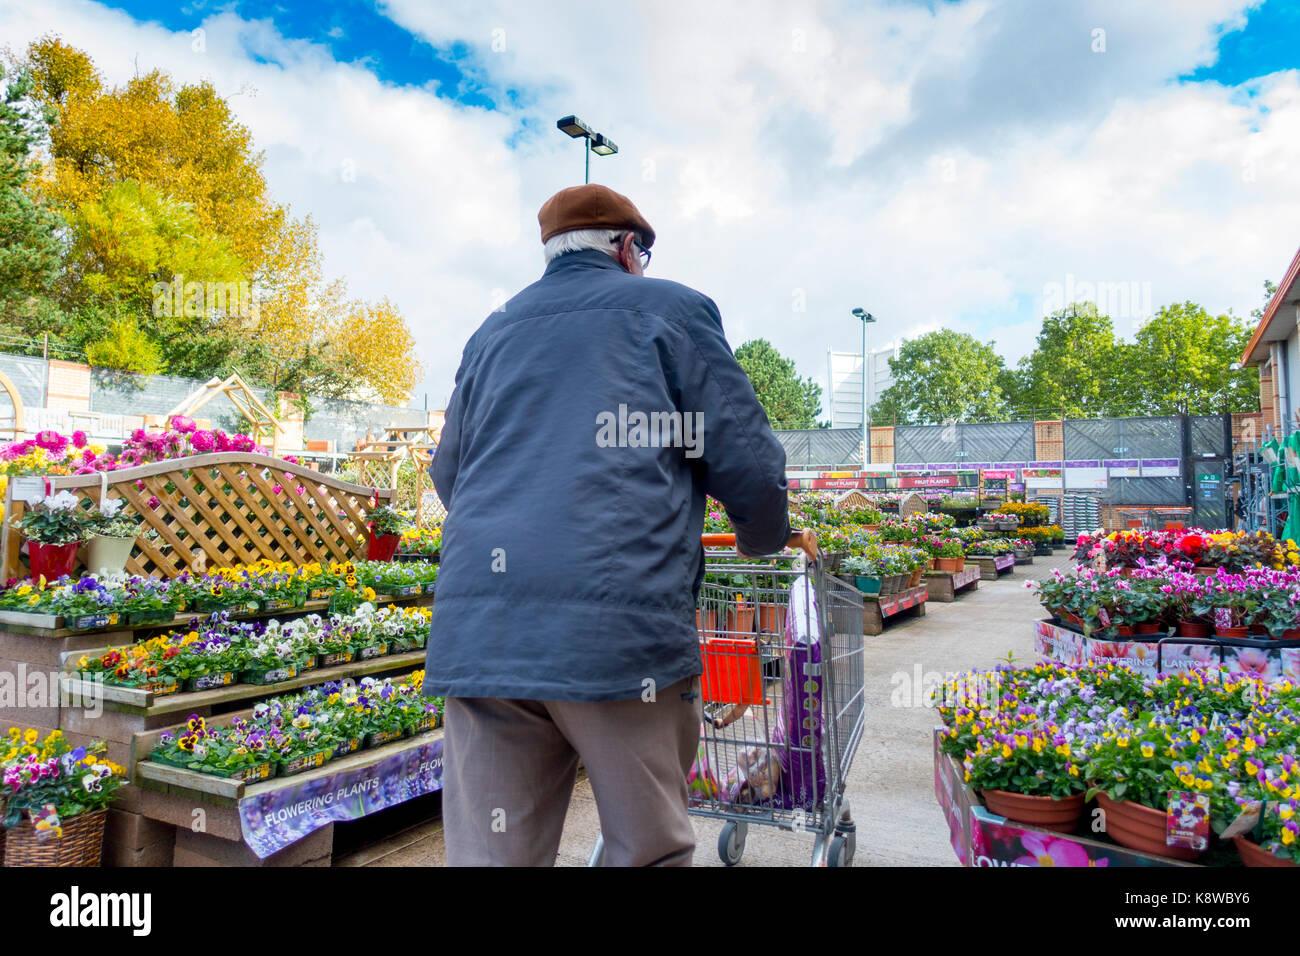 Personnes âgées male homme marchant avec un panier dans la section jardin en fleurs au magasin de bricolage Photo Stock